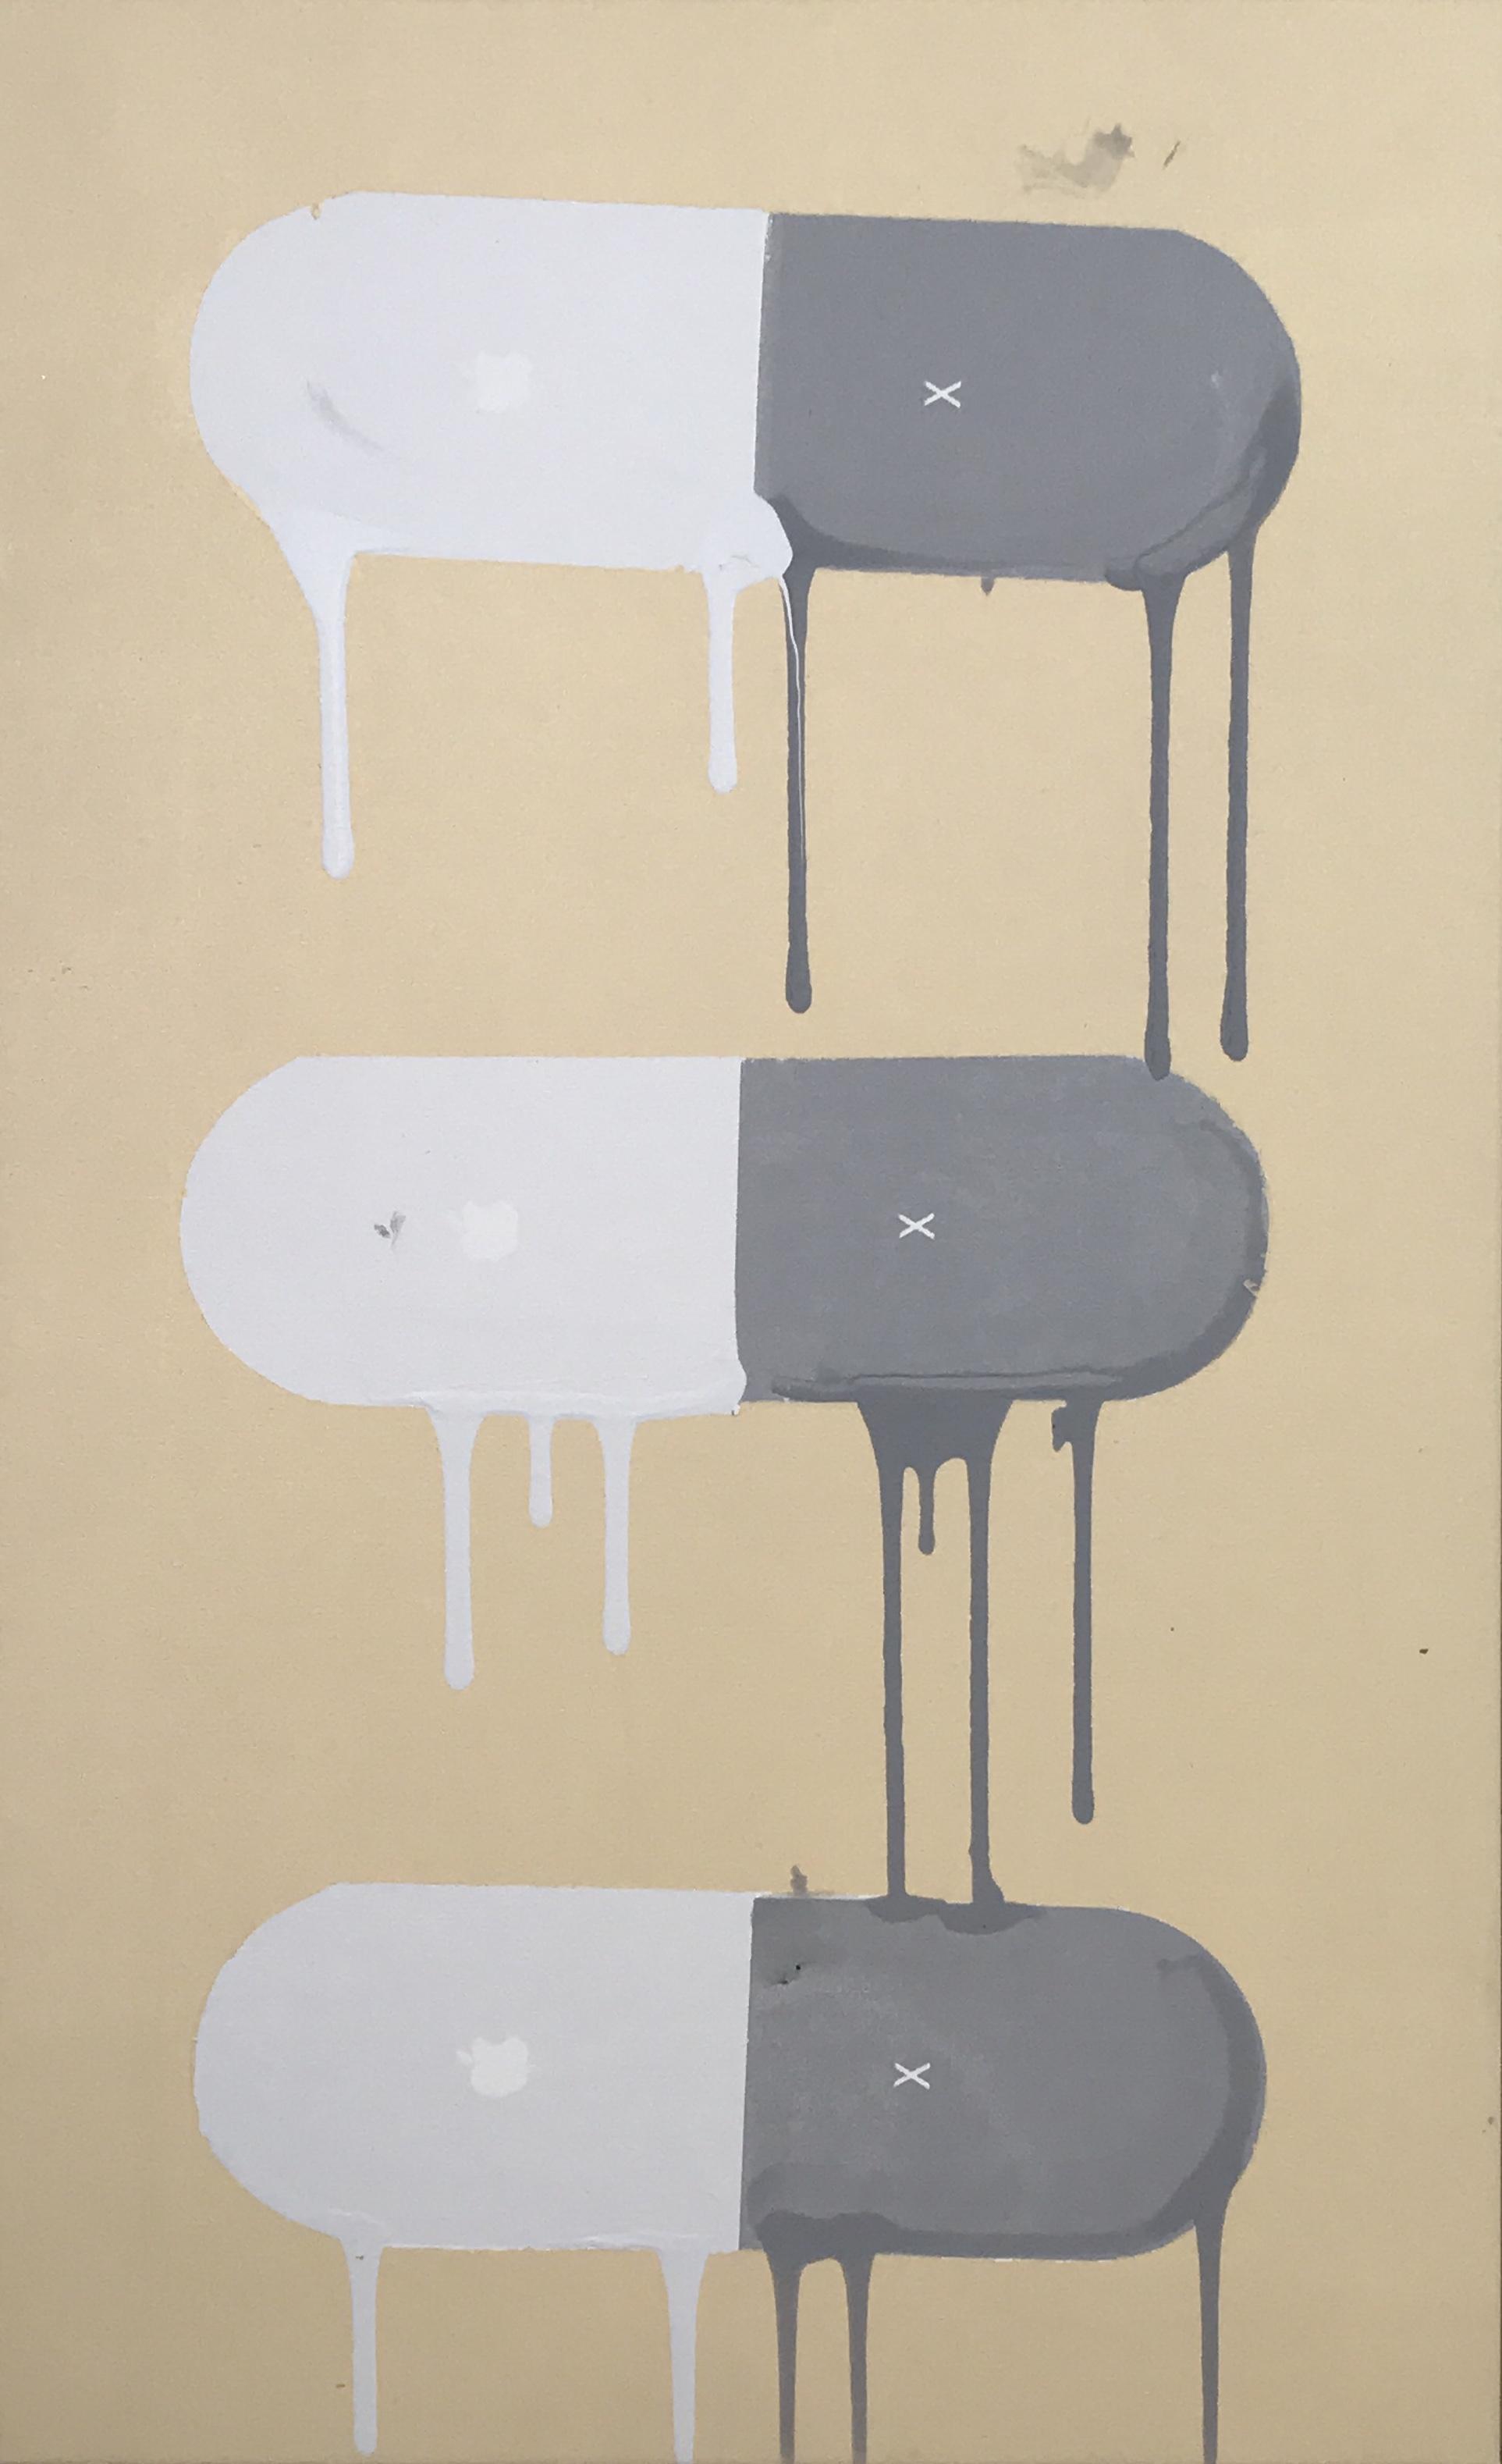 glitch 1/1 - 34 x 21 Acrylic on Canvas,Nov '17Buyer Inquiry